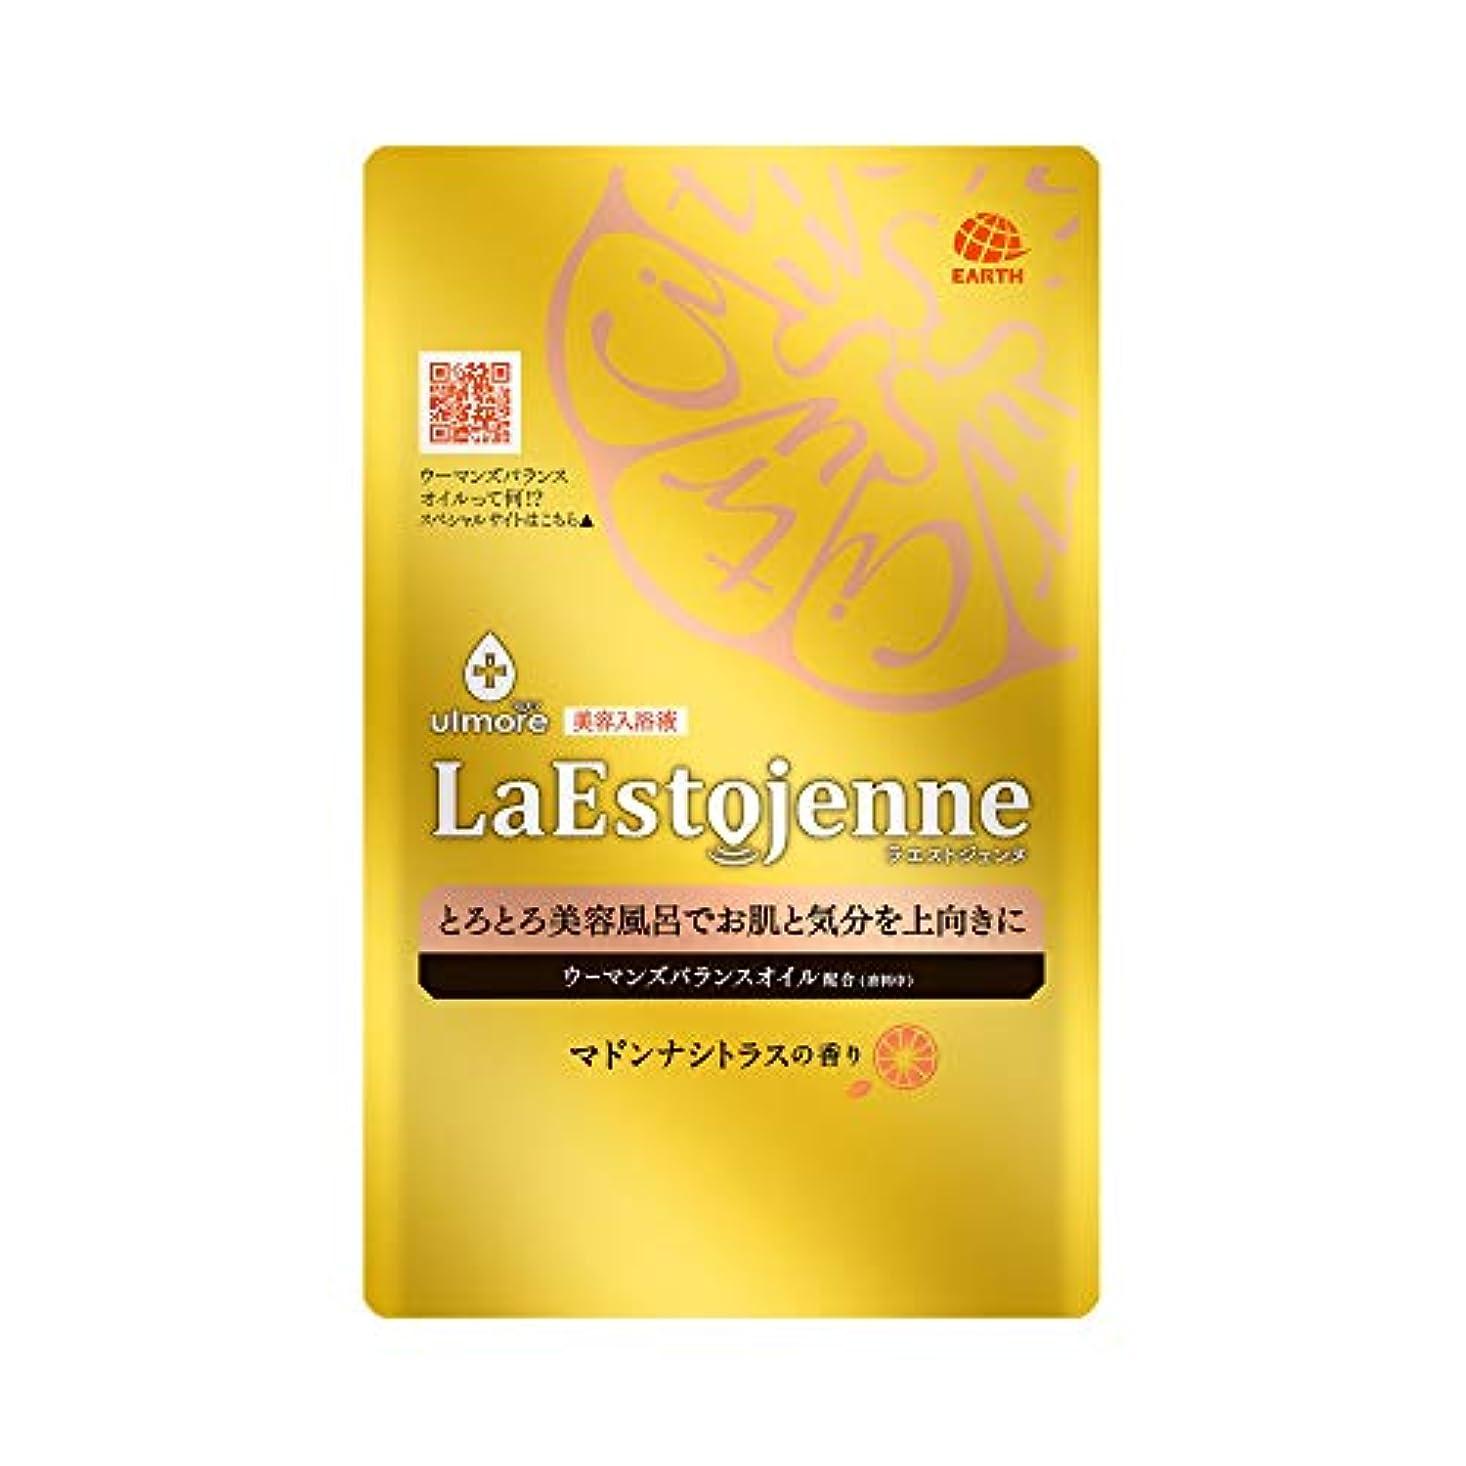 挽くイノセンス情緒的ウルモア ラエストジェンヌ 入浴剤 マドンナシトラスの香り [160ml x 1包入り]